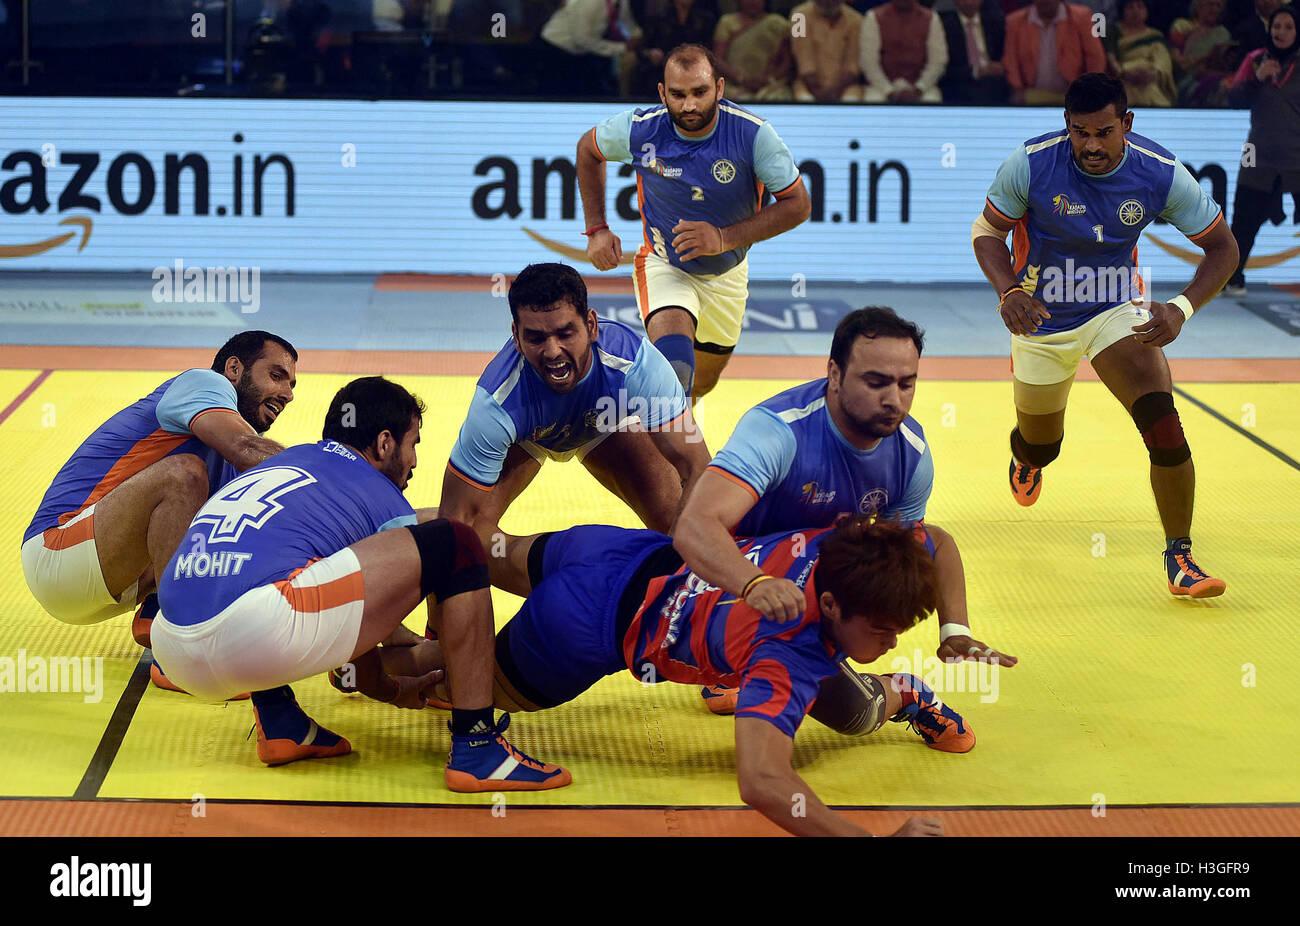 Ahmedabad, Inde. 7 Oct, 2016. Les joueurs indiens attaquer un joueur sud-coréen (en bas) pendant le premier Photo Stock